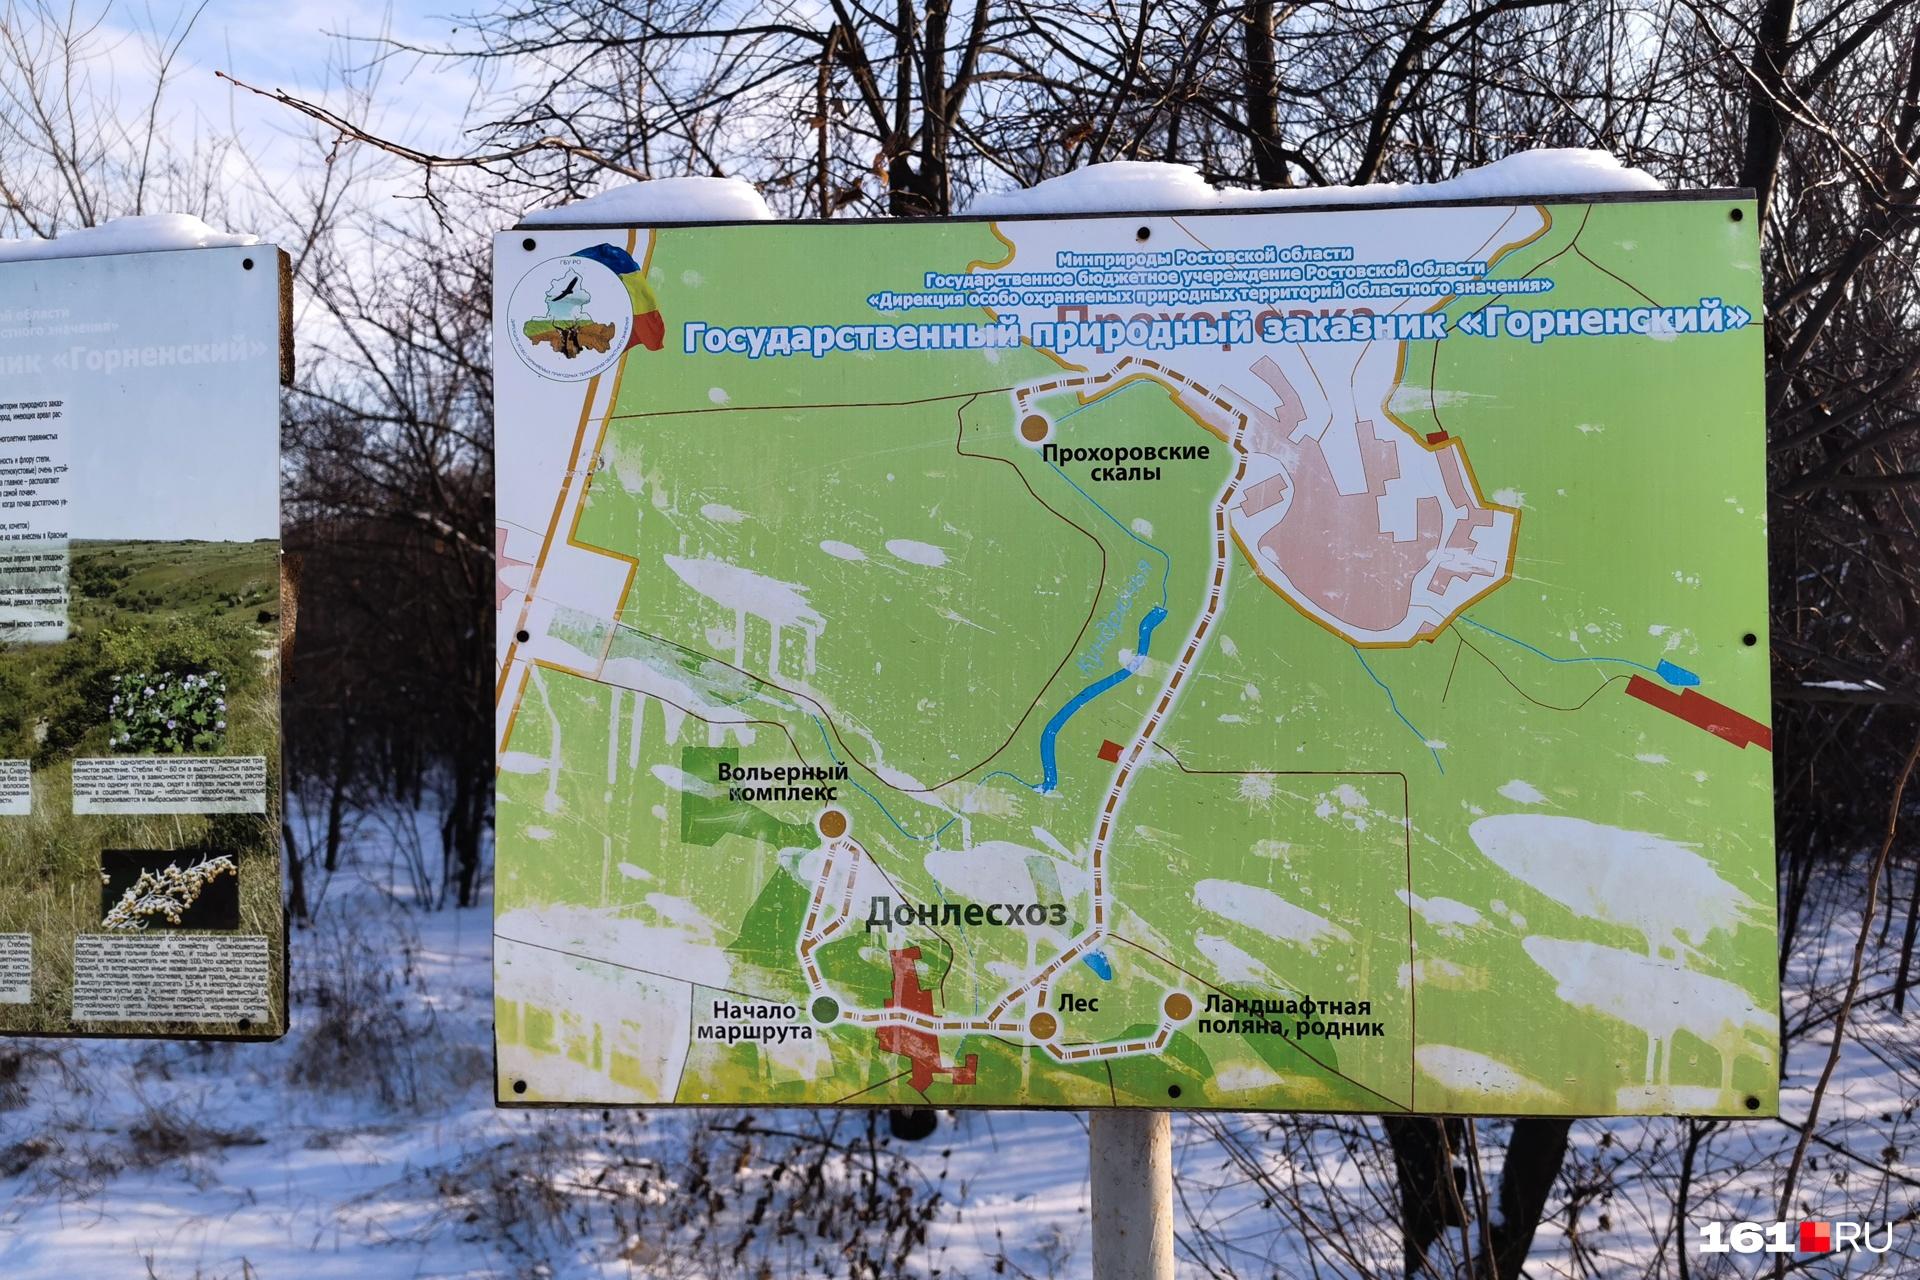 В заказнике проходят экологические мероприятия по нескольким маршрутам. Территория леса оборудована беседками и указателями